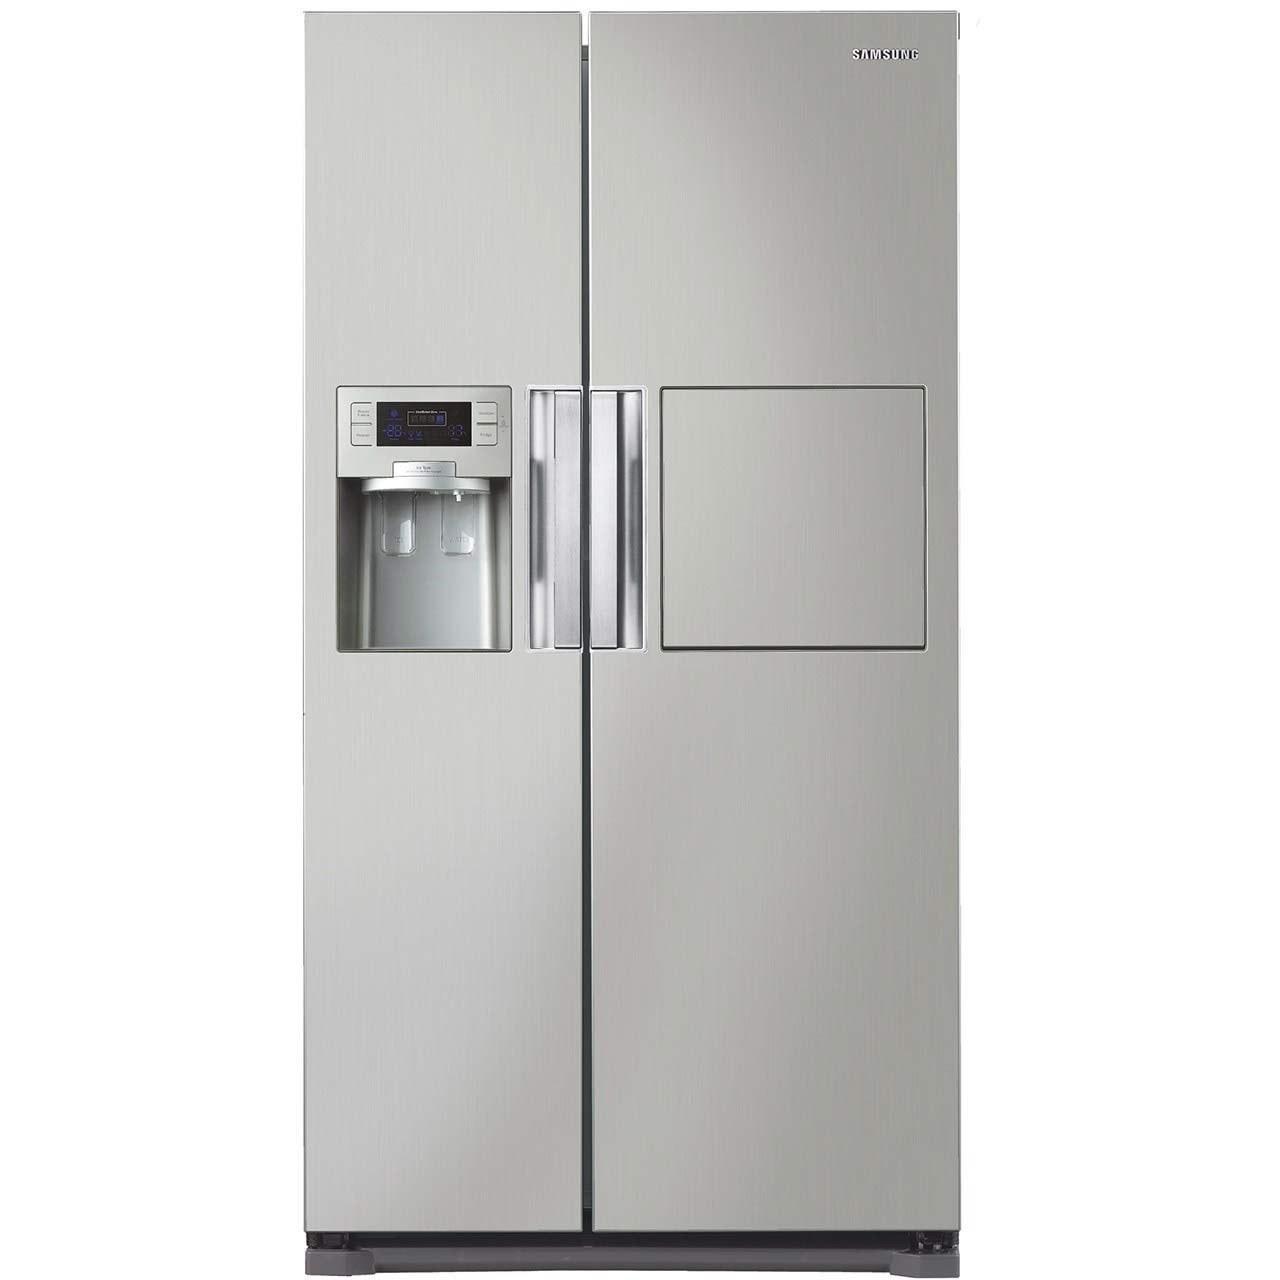 تصویر یخچال ساید بای ساید سامسونگ مدل HM34 Samsung sayd HM34 Refrigerator